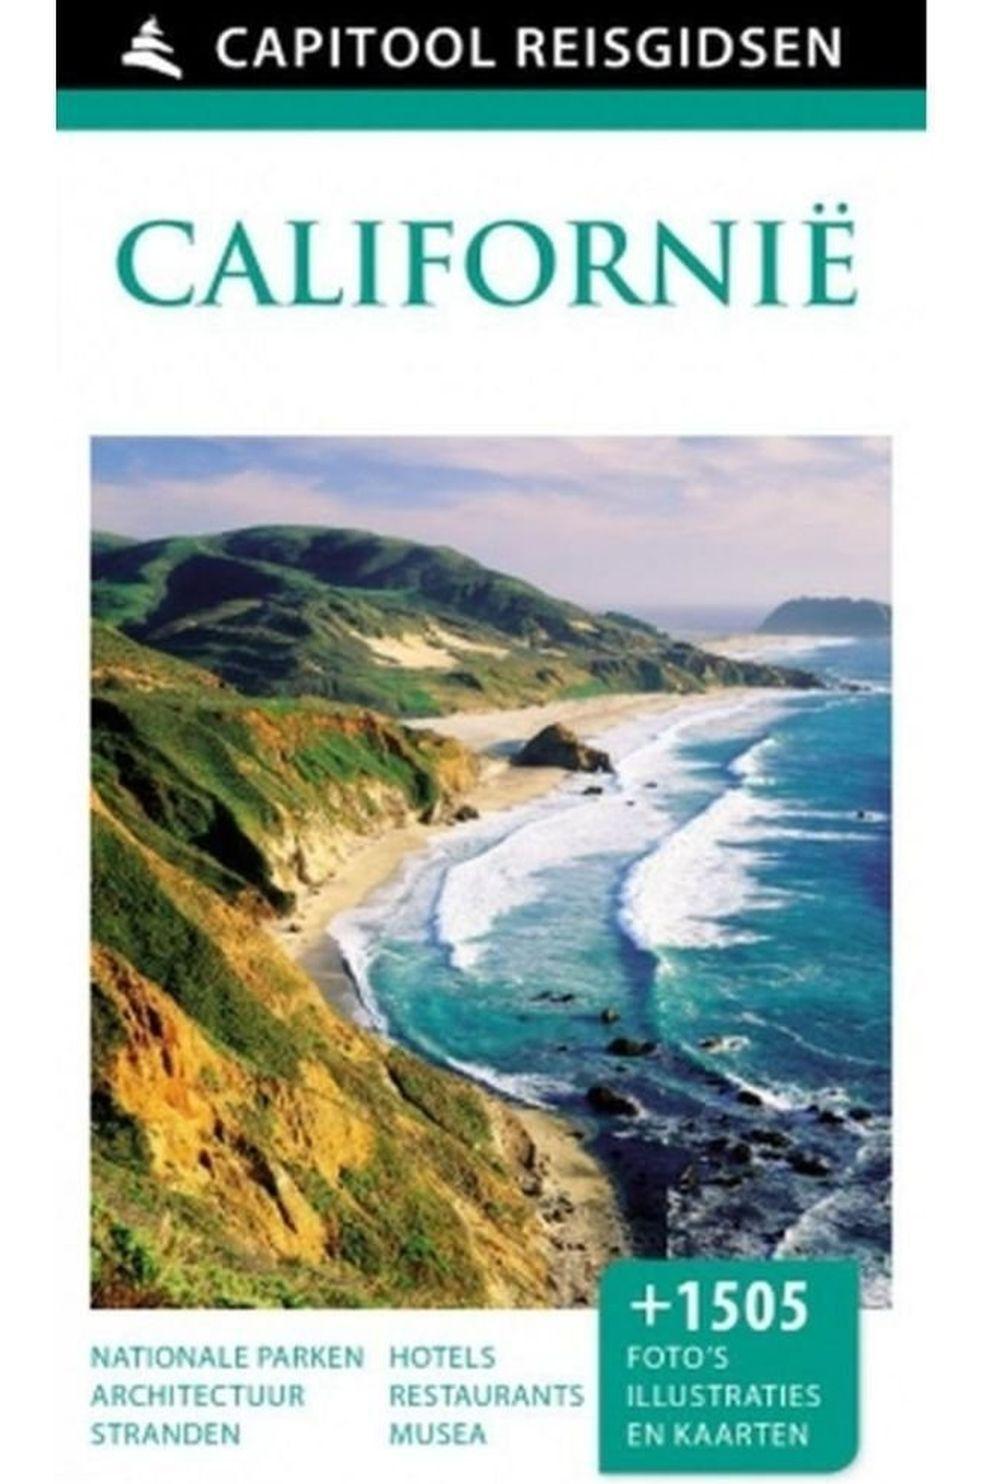 Capitool Reisgids Californië - 2018